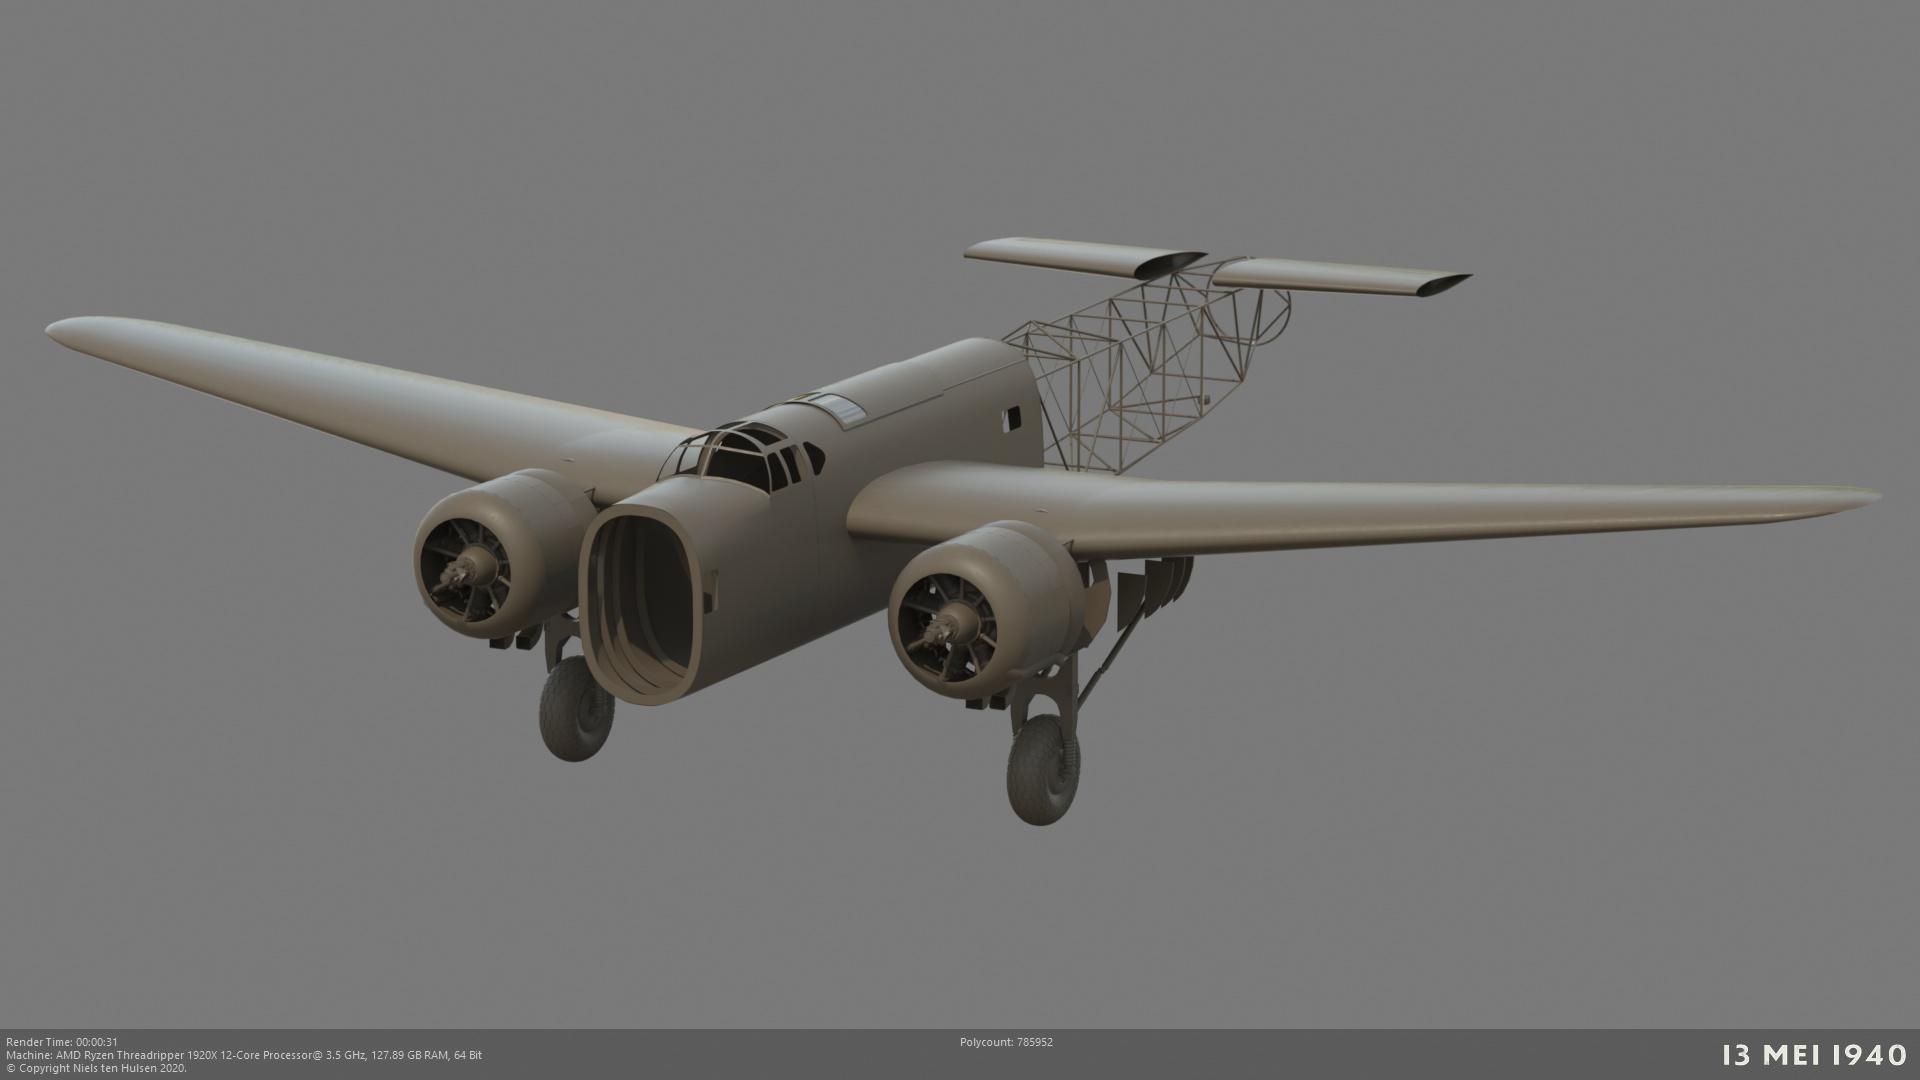 Naam: 001_FokkerT5_motor12.jpg Bekeken: 138 Grootte: 188,3 KB